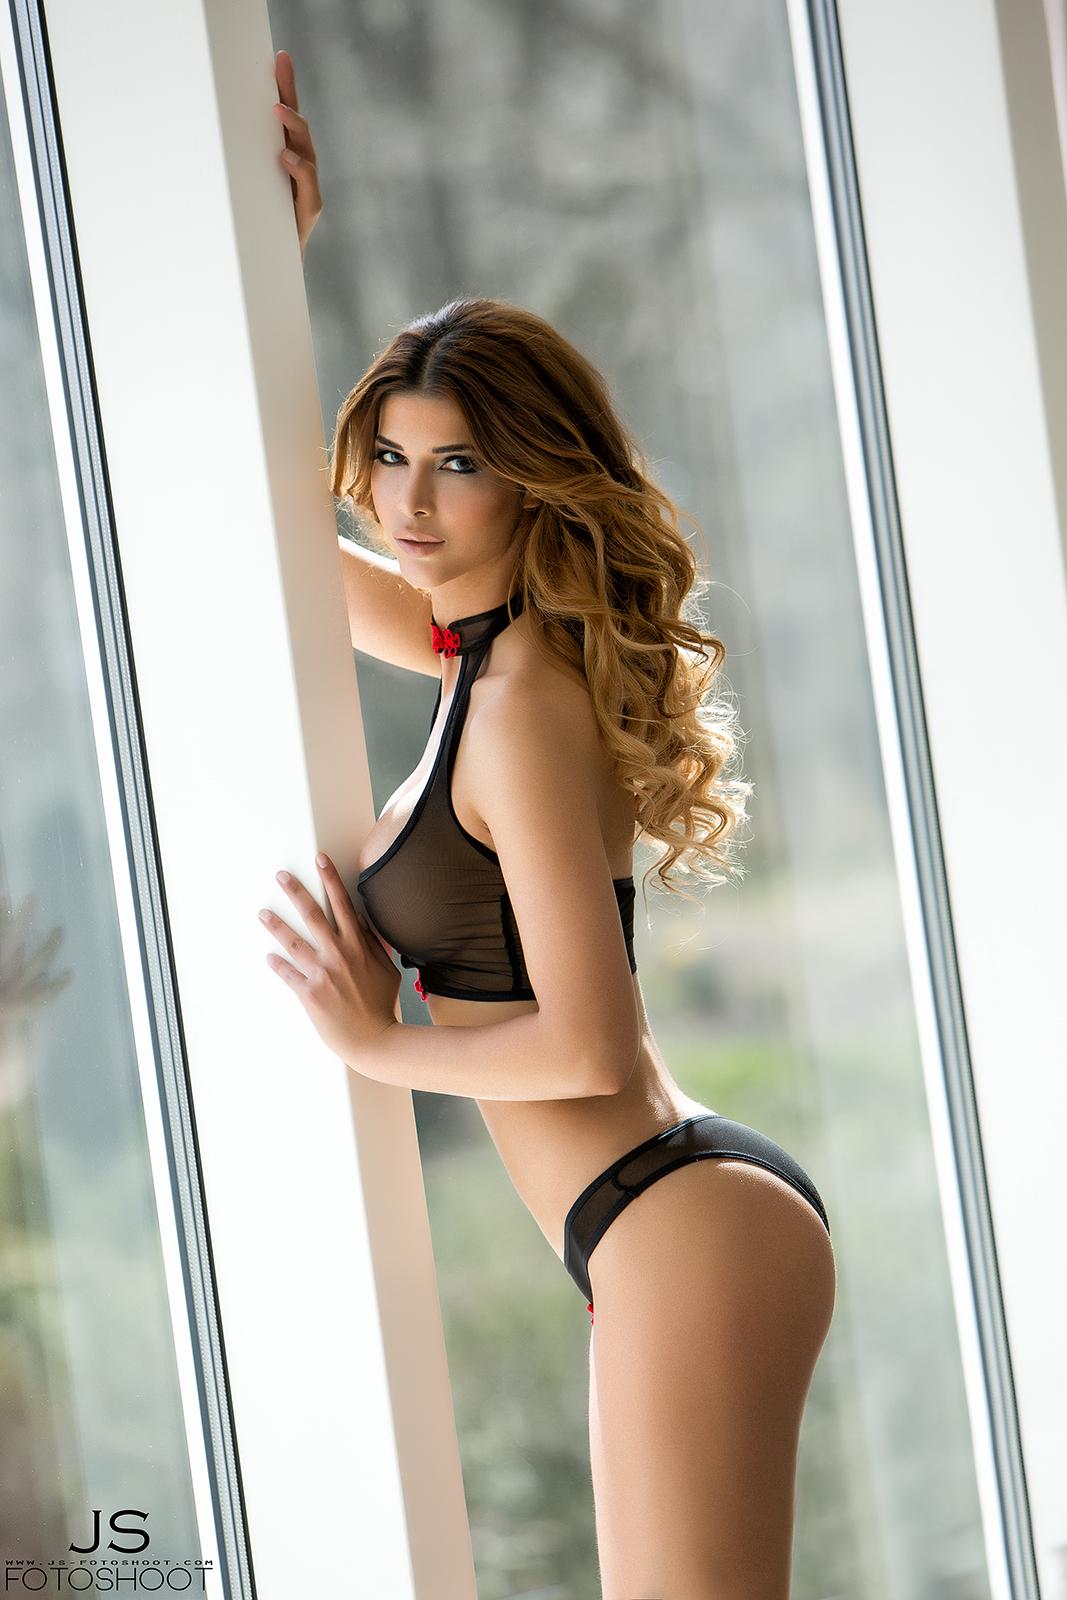 Micaela Schäfer Topless (11 Photos)